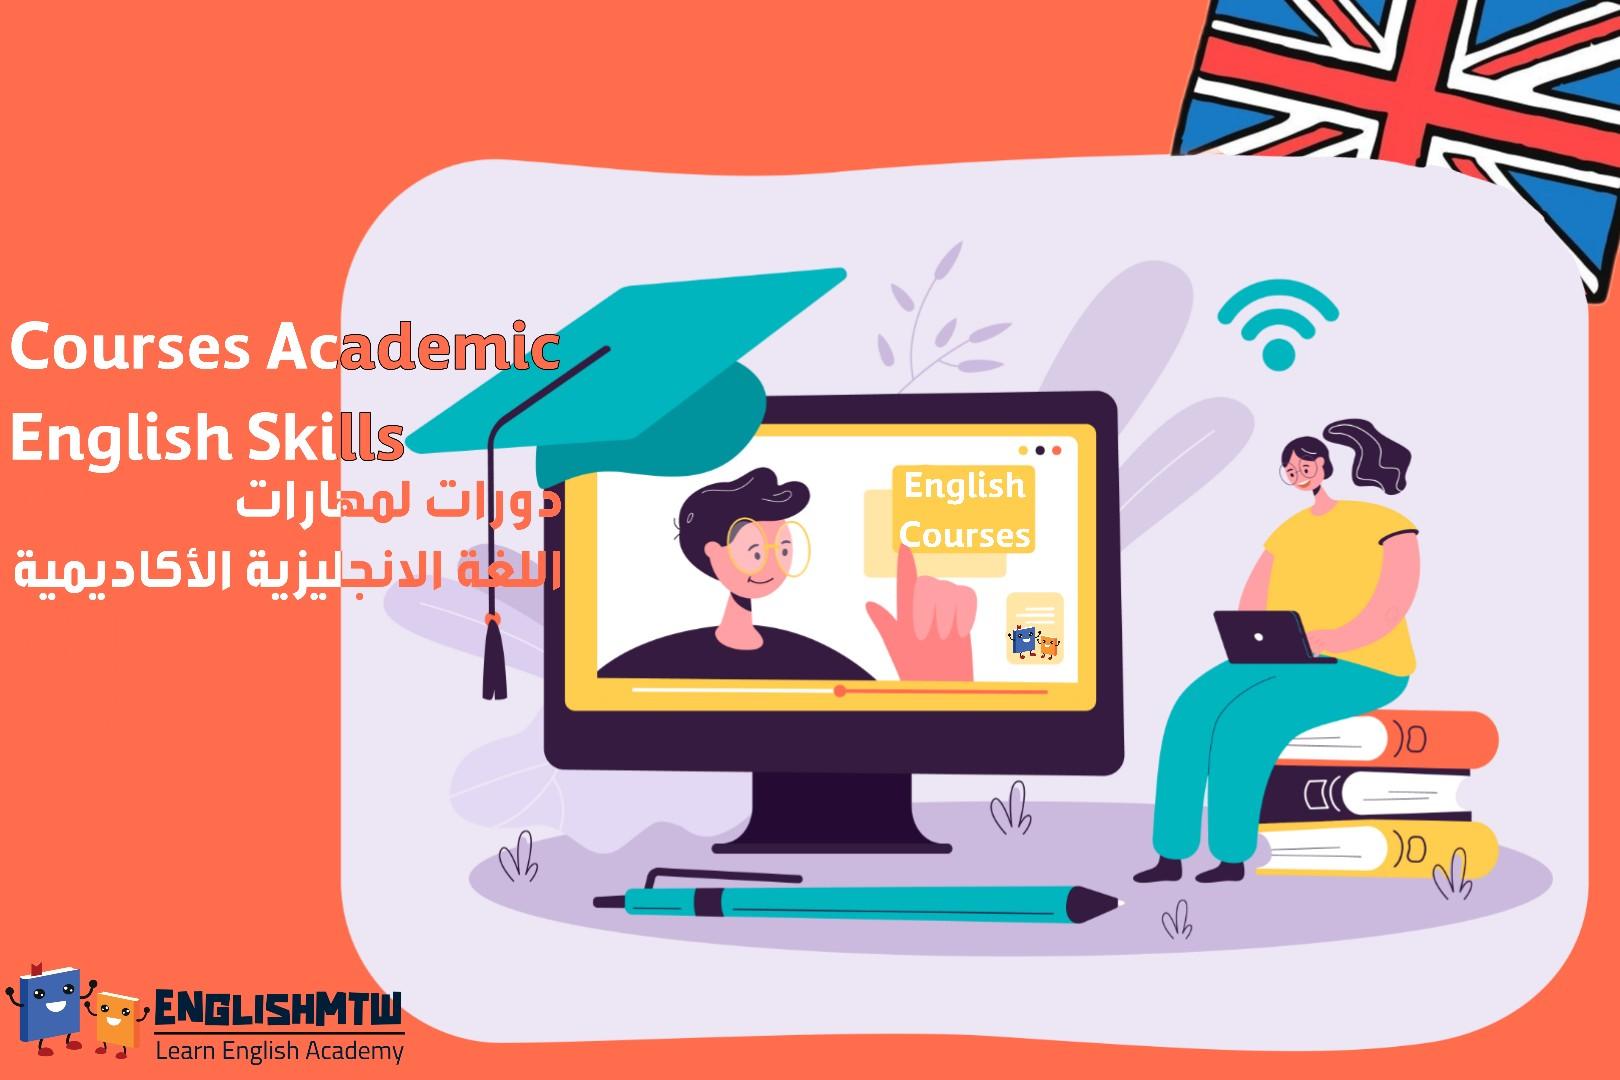 4 دورات انجليزية EAP عن بعد معتمدة مجانا لتعلم اللغة الإنجليزية الأكاديمية